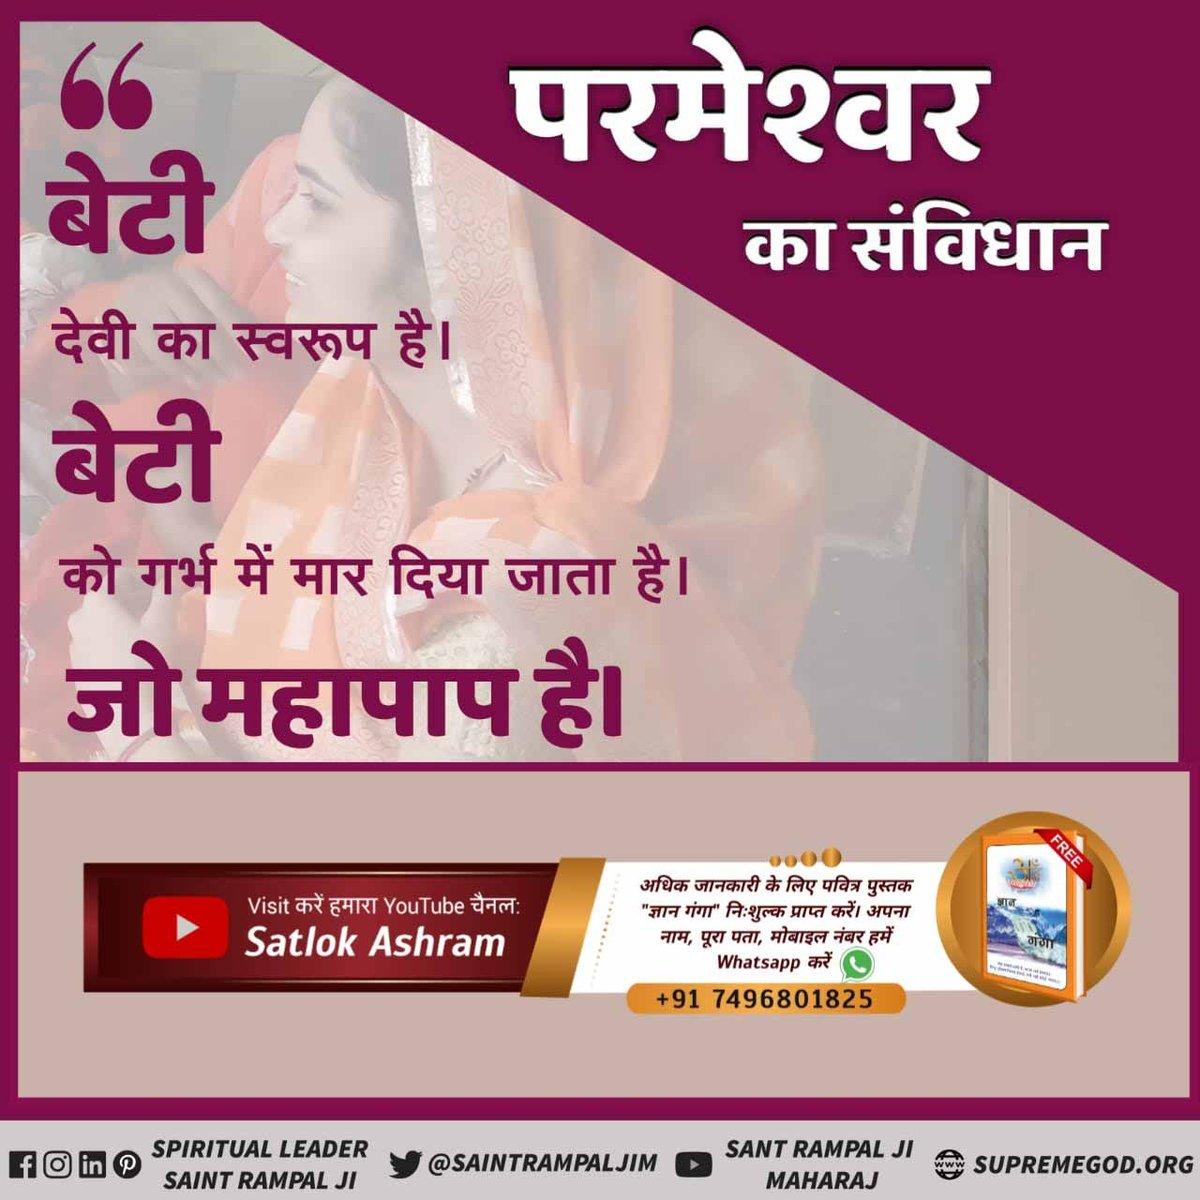 #ConstitutionOfTheSupremeGod Saint Rampal Ji  देवताओं को पूजने वाले देवताओं को प्राप्त होते हैं पितरों को पूजने वाले पितरों को प्राप्त होते हैं भूतों को पूजने वाले भूतों को प्राप्त होते हैं। कबीर परमेश्वर की भक्ति करो जिससे पूर्ण मुक्ति होवे। https://t.co/WrxvK3gl4K